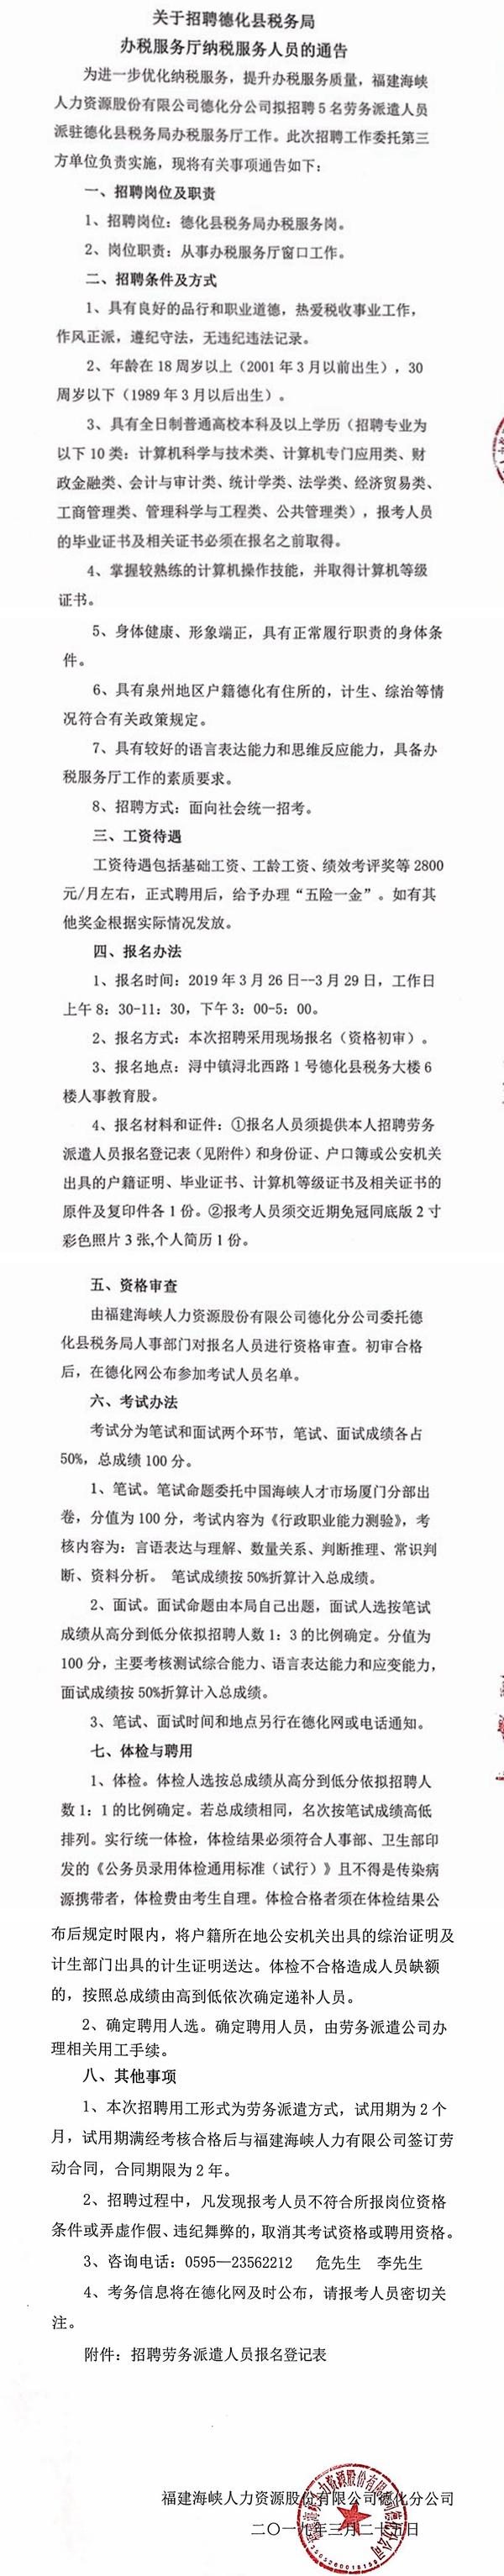 关于招聘德化县税务局办税服务厅纳税服务人员的通告